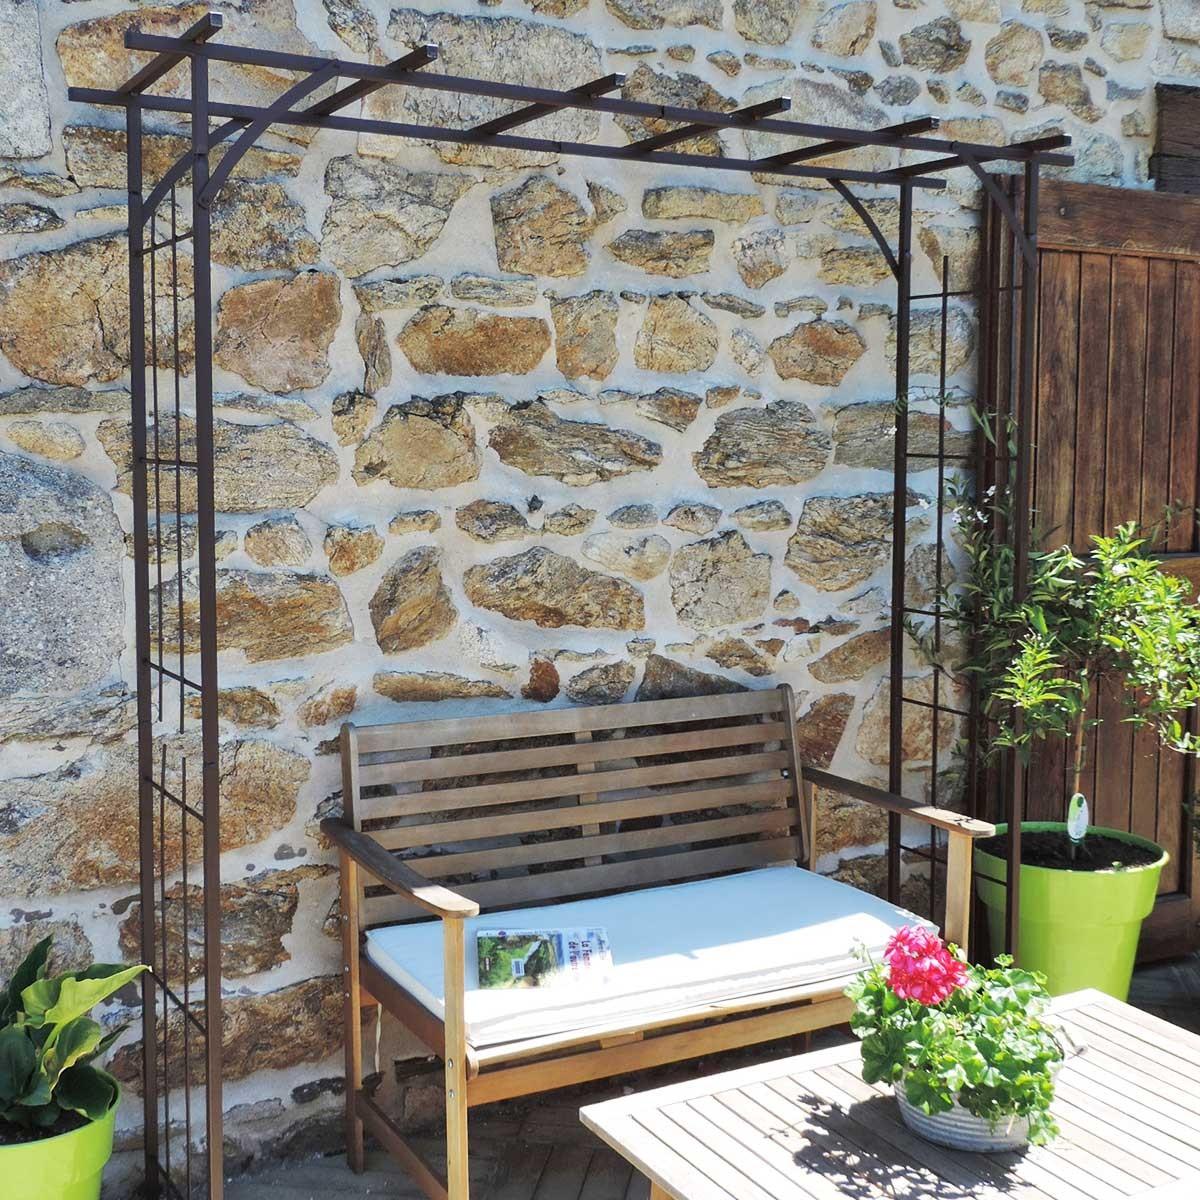 Arche de jardin en fer grand modèle - Louis Moulin